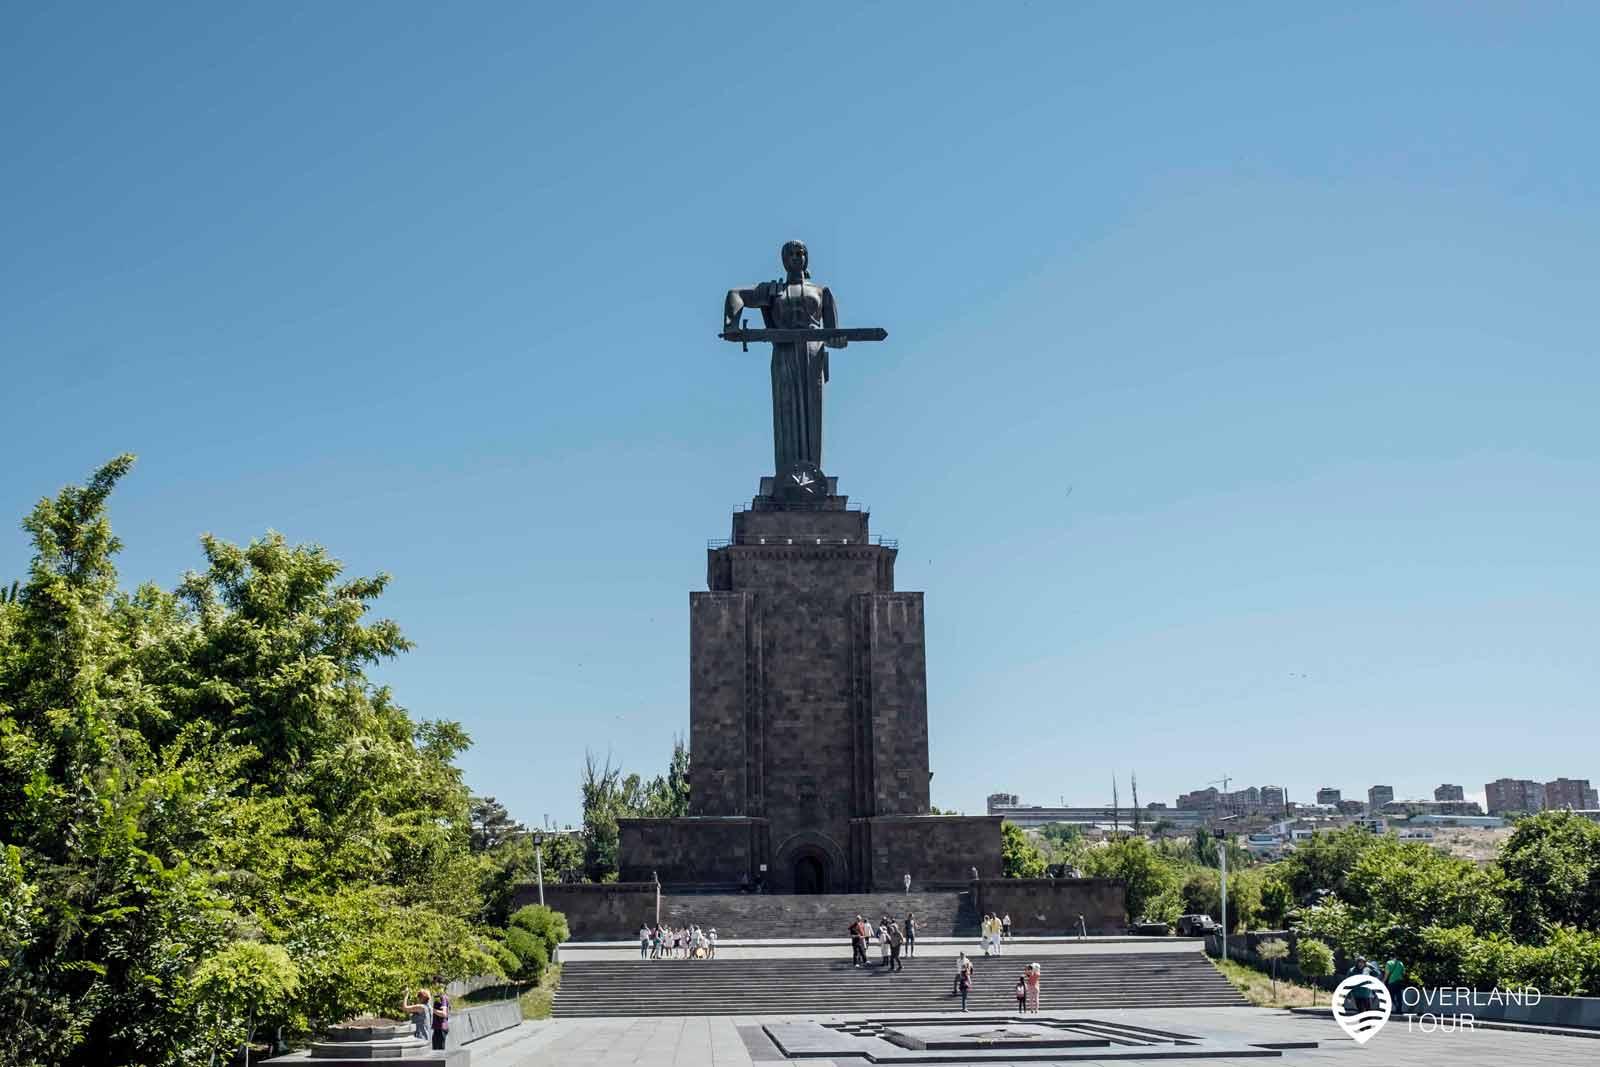 """Sehenswürdigkeit Jerewan   Top 3 - Die Statue """"Mother Armenia"""" hat eine Gesamthöhe von 51 Metern und besteht aus gehämmertem Kupfer und ist 24 Meter hoch"""